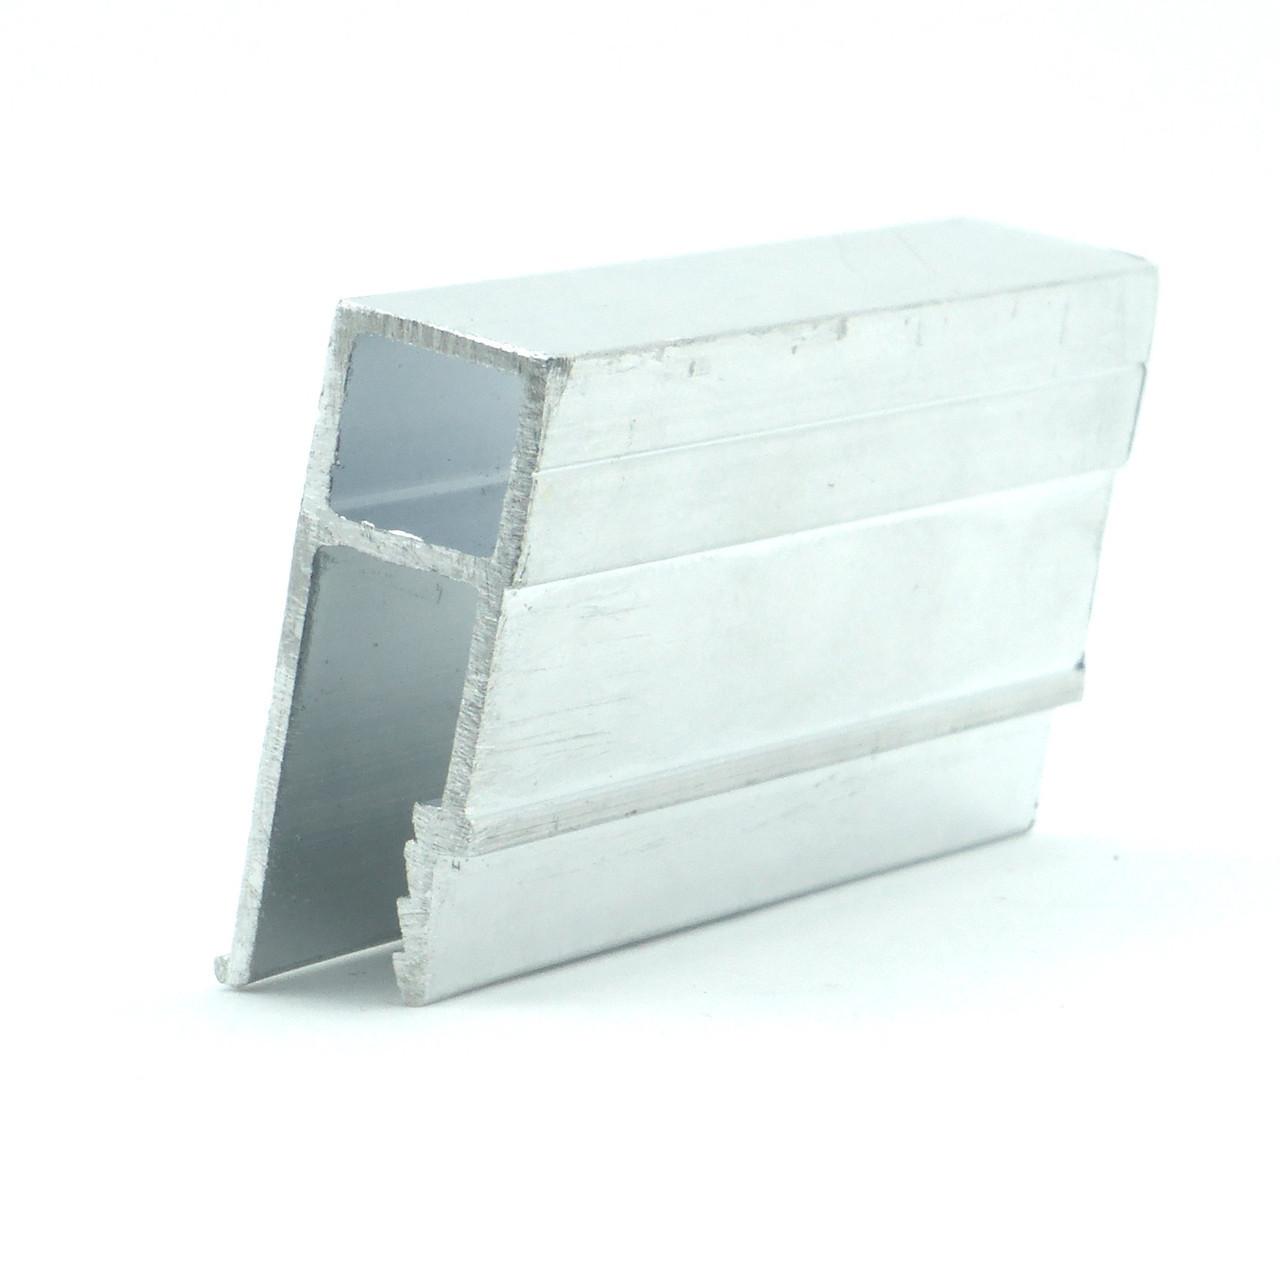 Профиль алюминиевый - П-образный. Длина профиля 2,5 м.